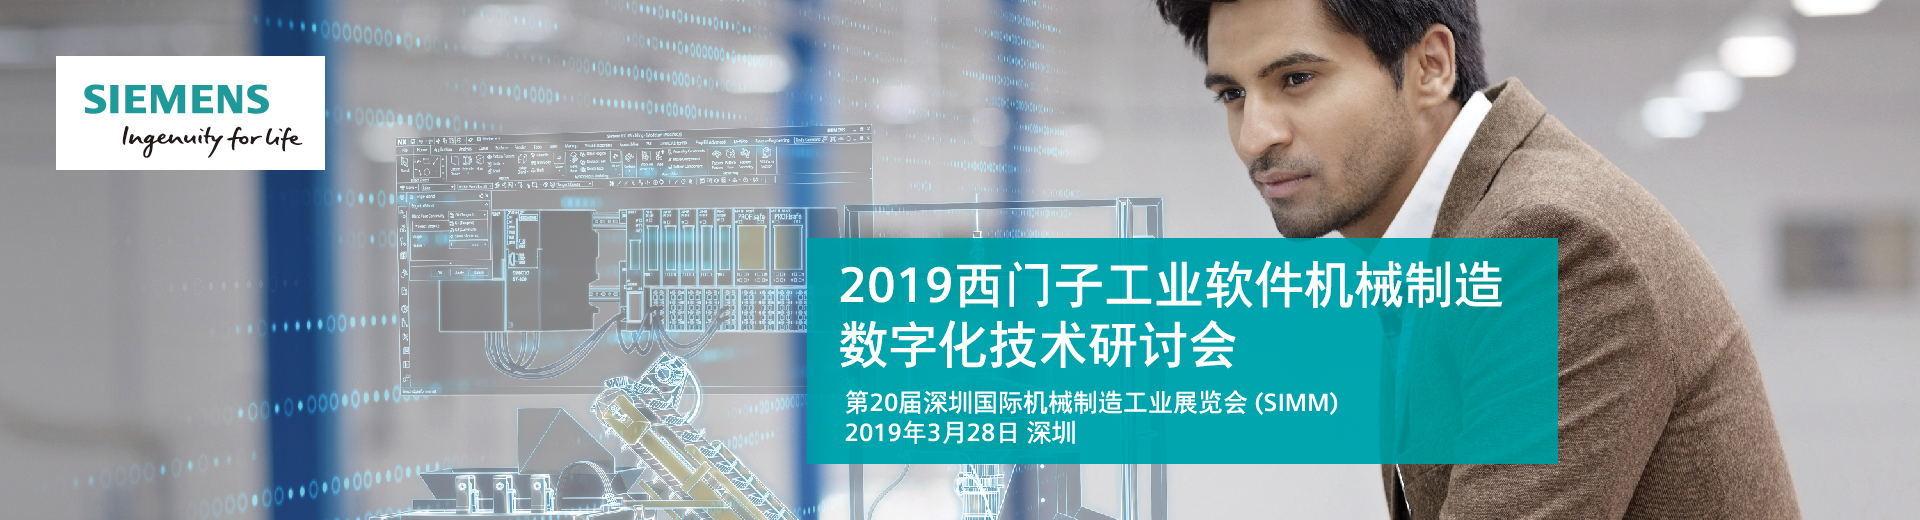 2019西门子工业软件机械制造数字化技术研讨会